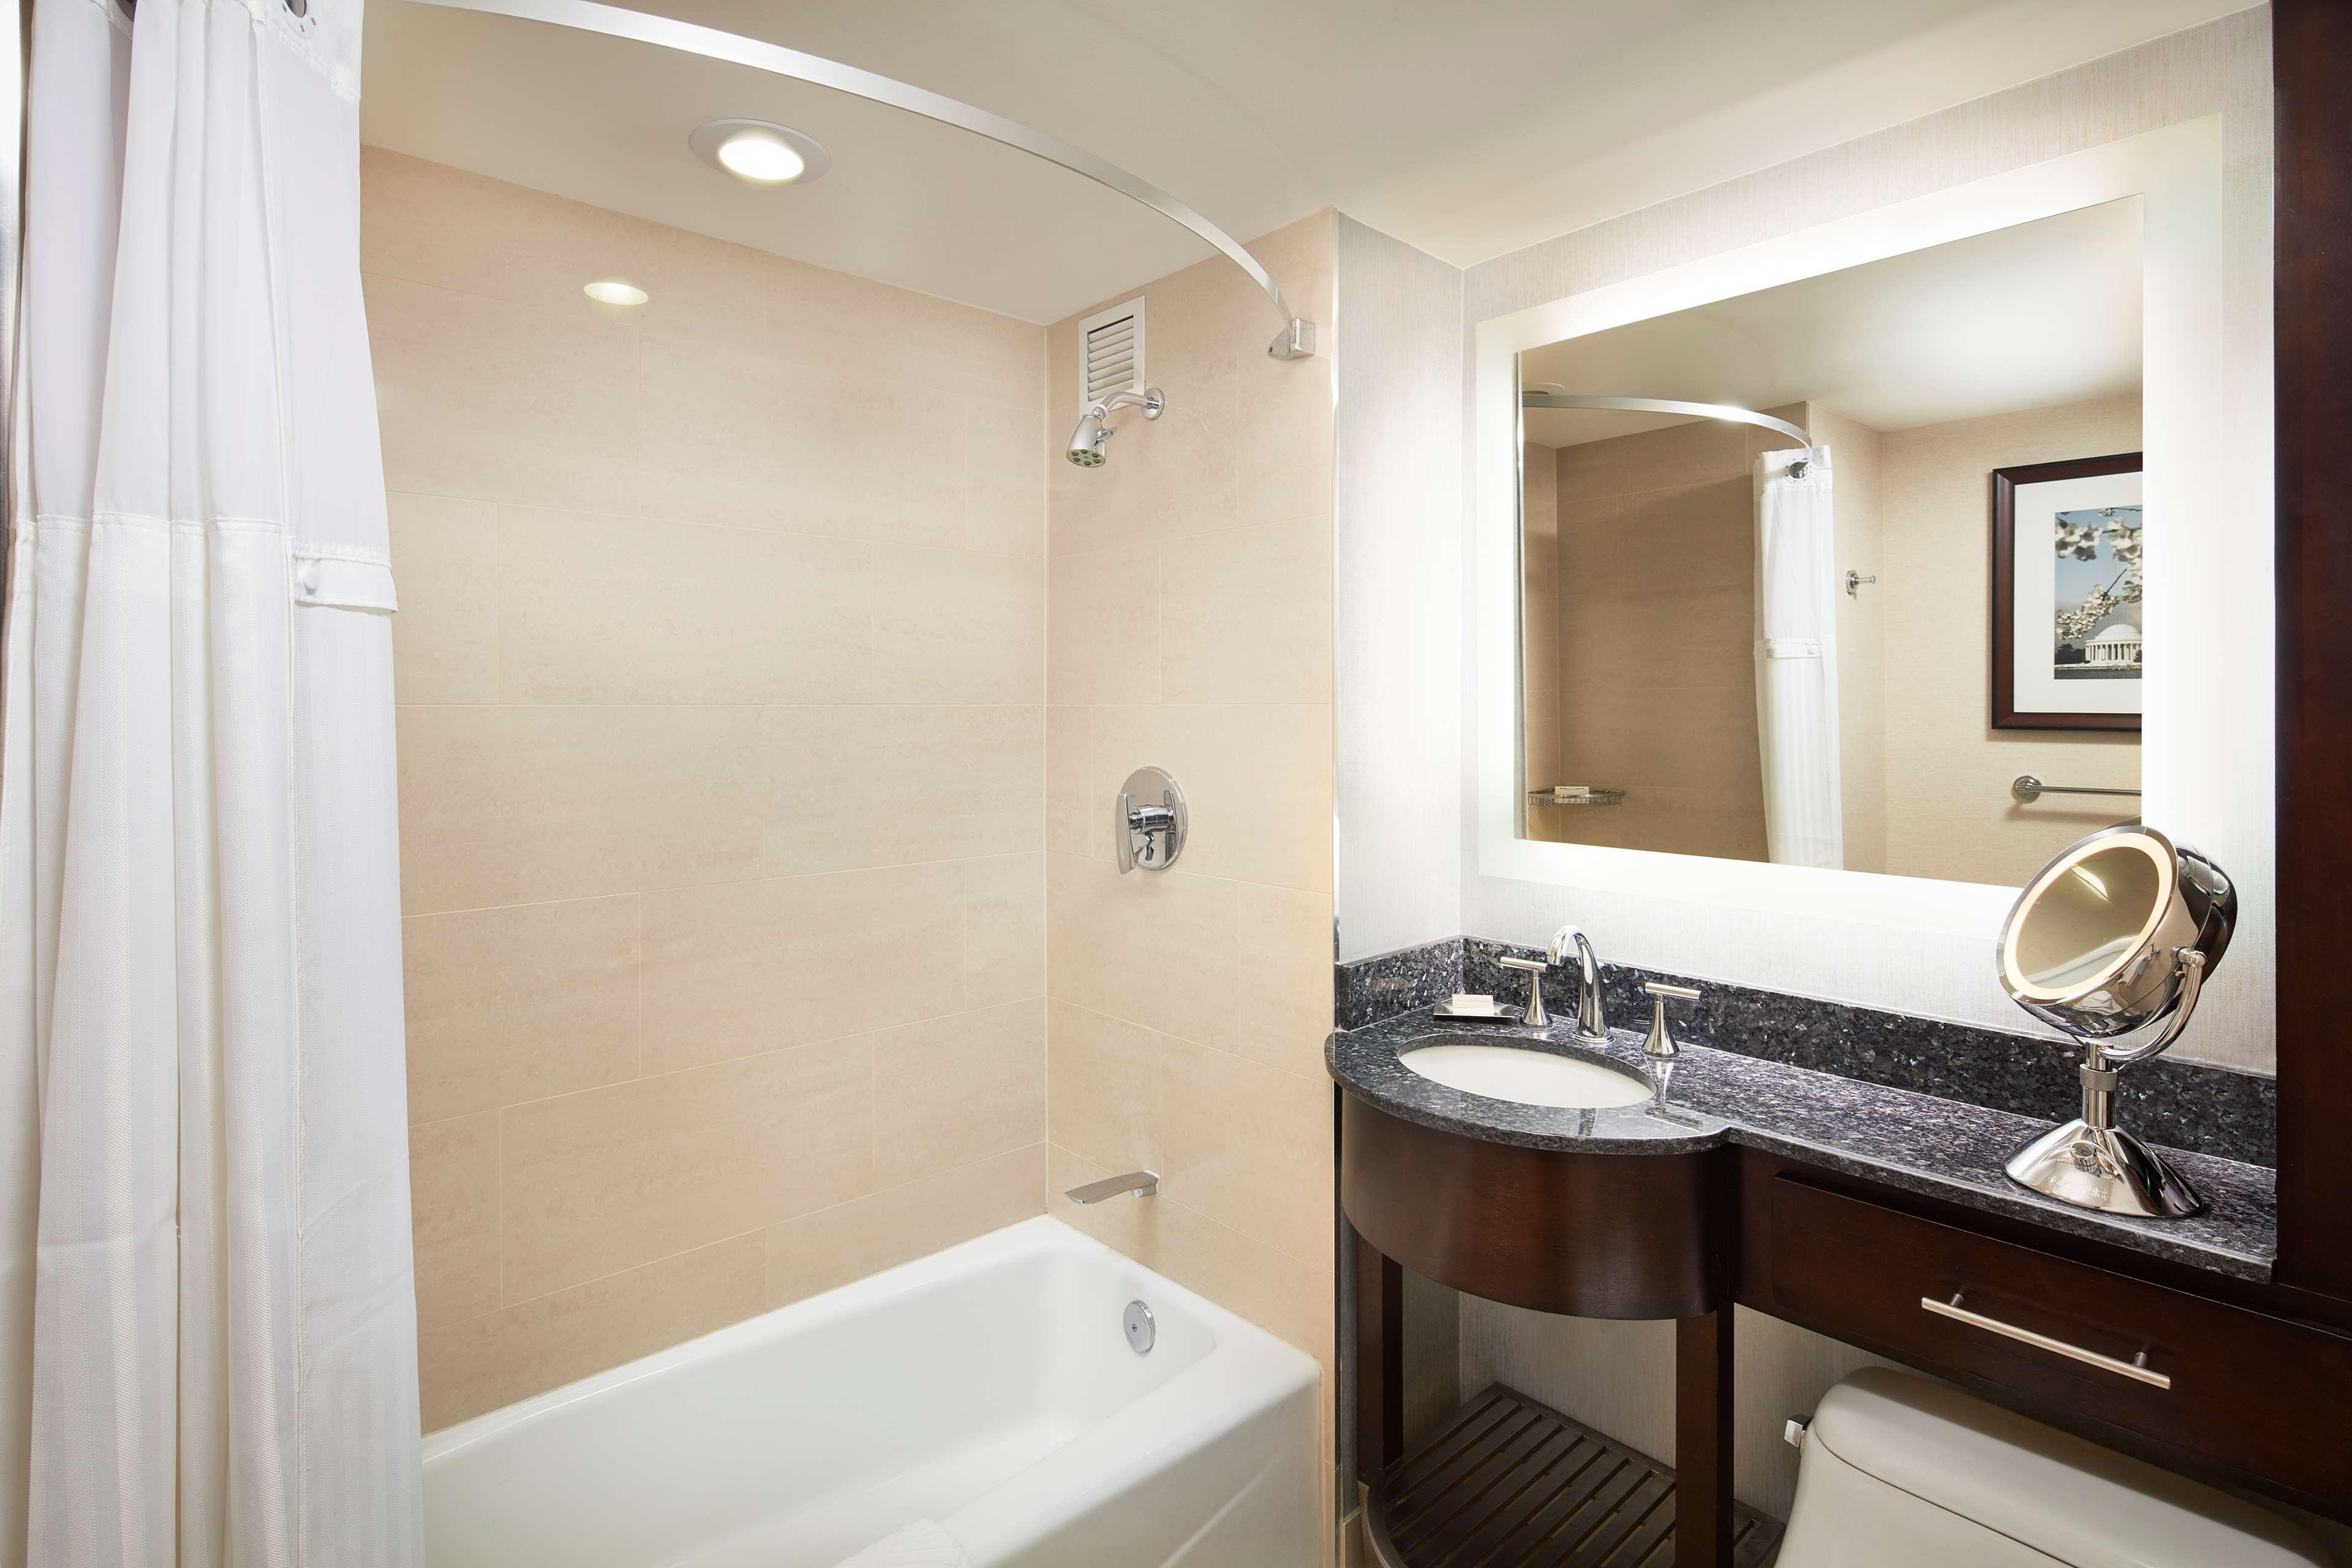 Washington Hilton image 12